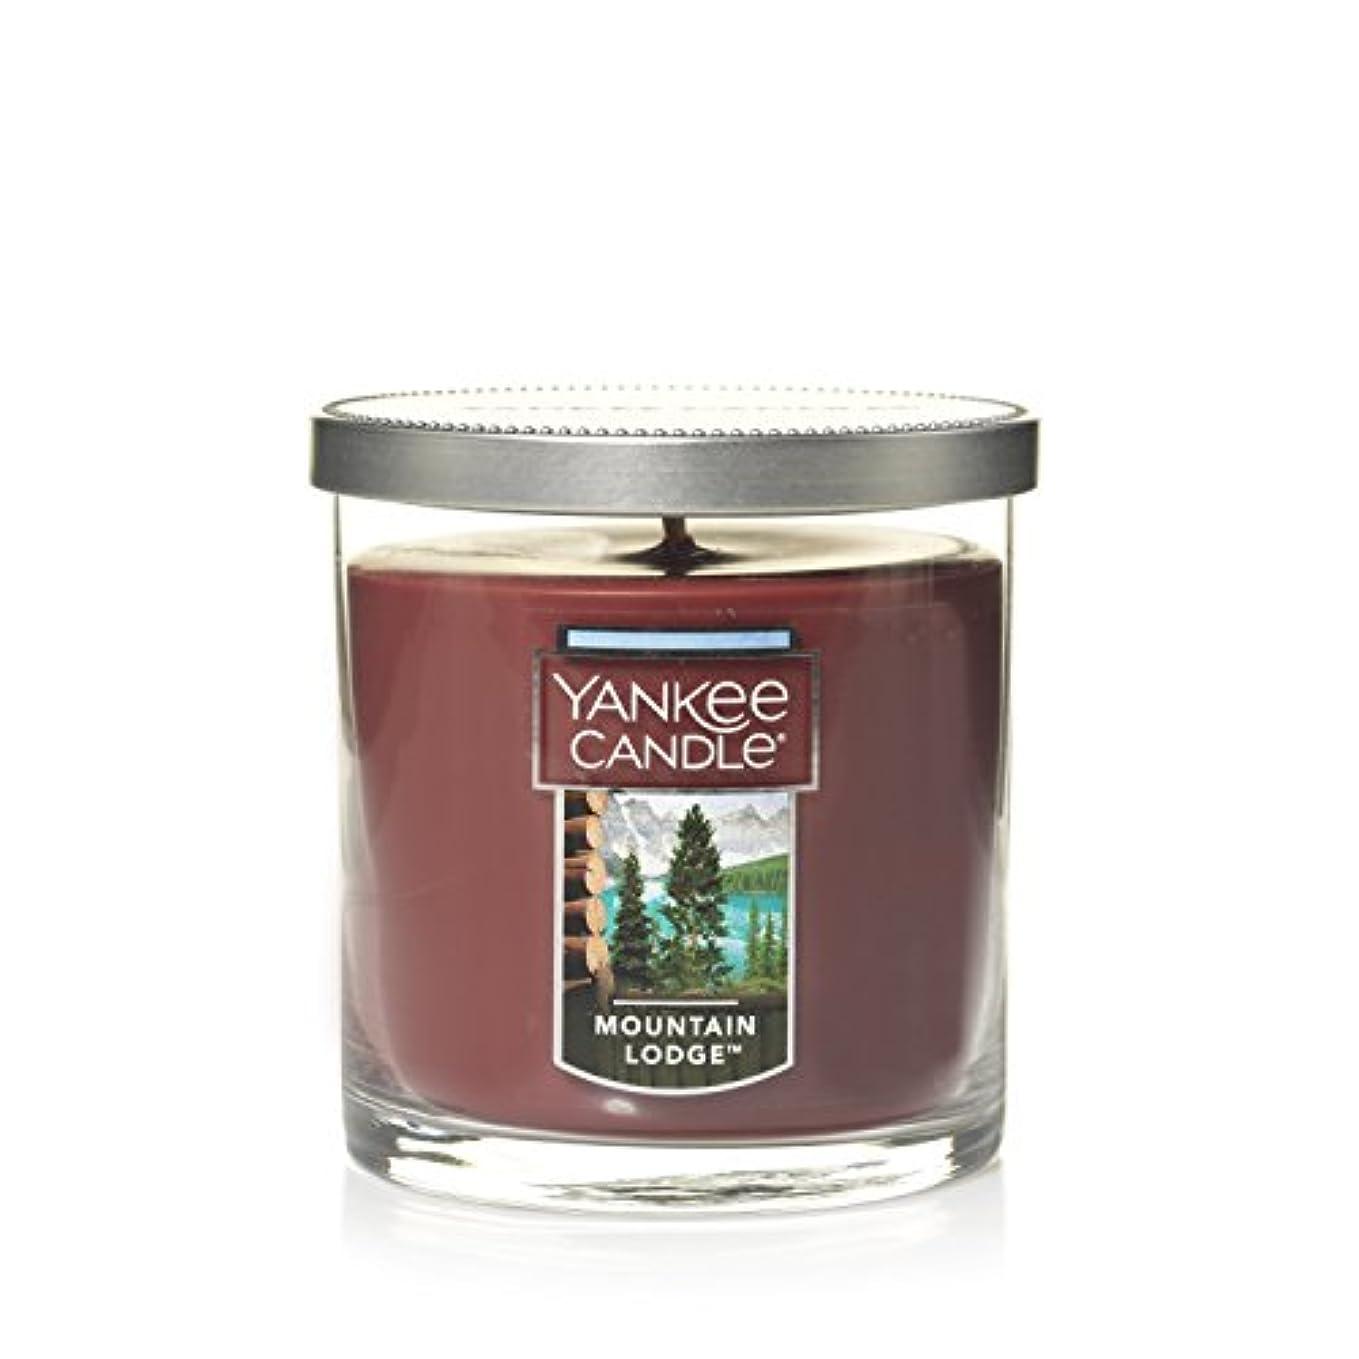 急いで出口キャッチYankee Candle Lサイズ ジャーキャンドル、マウンテンロッジ Small Tumbler Candle ブラウン 1187963Z